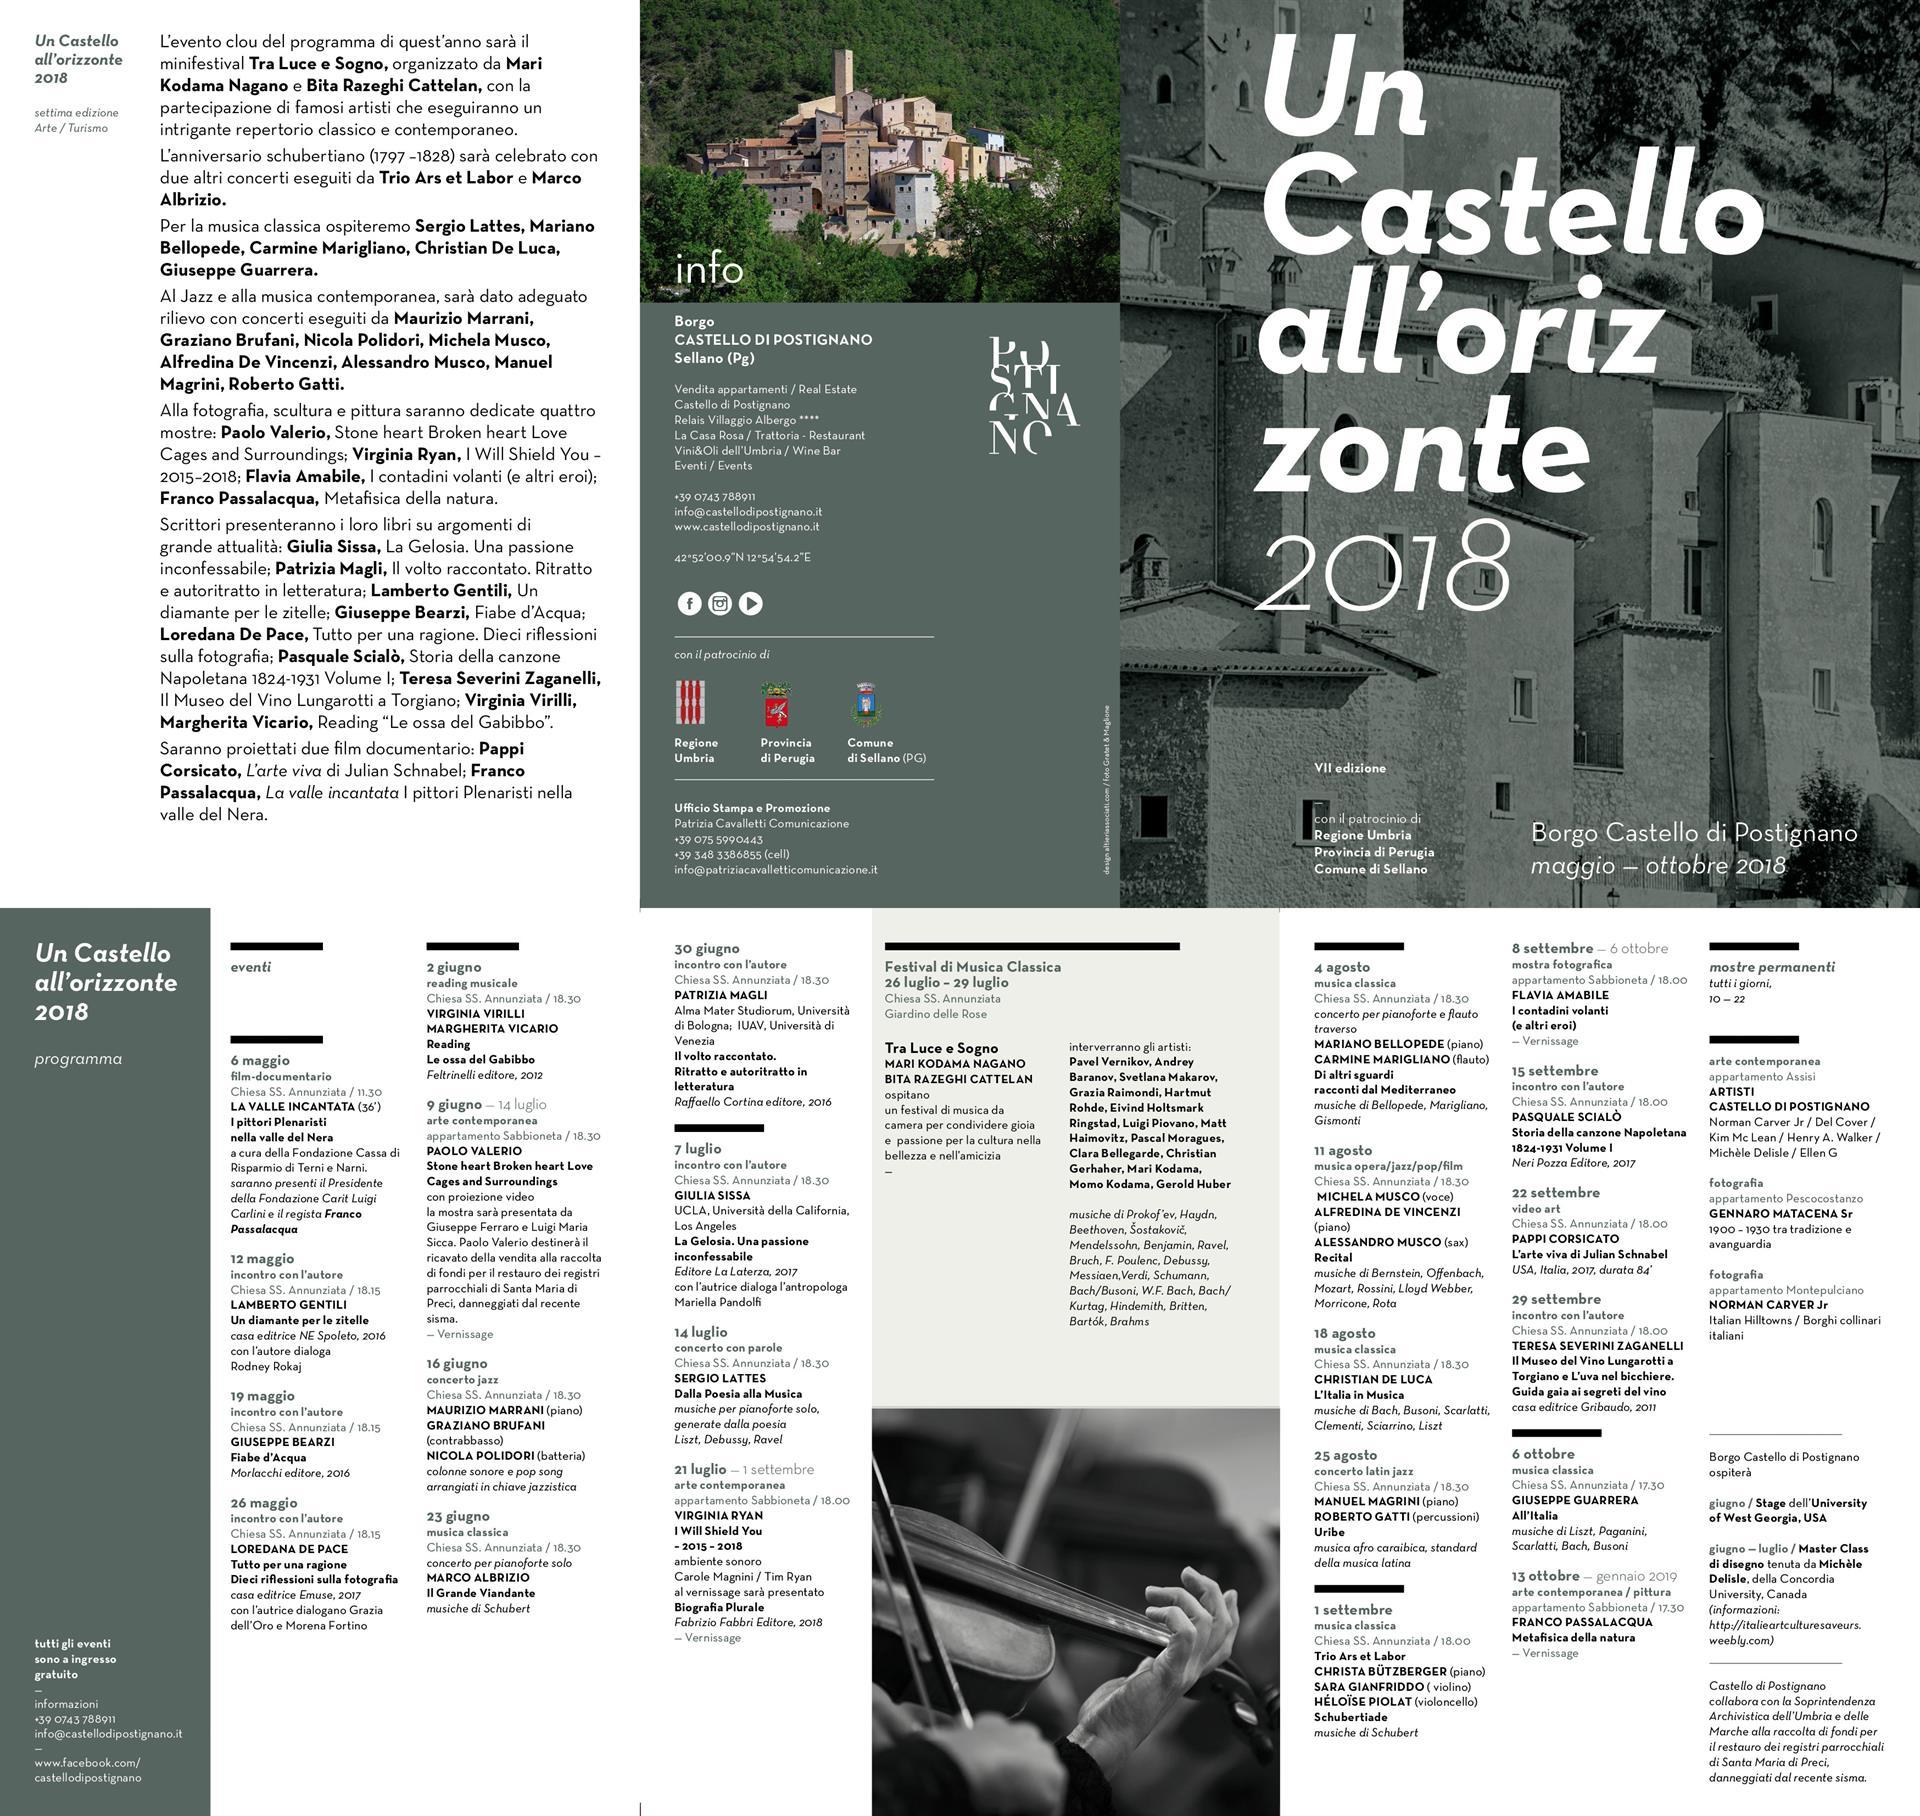 castello2018_brochure_programma